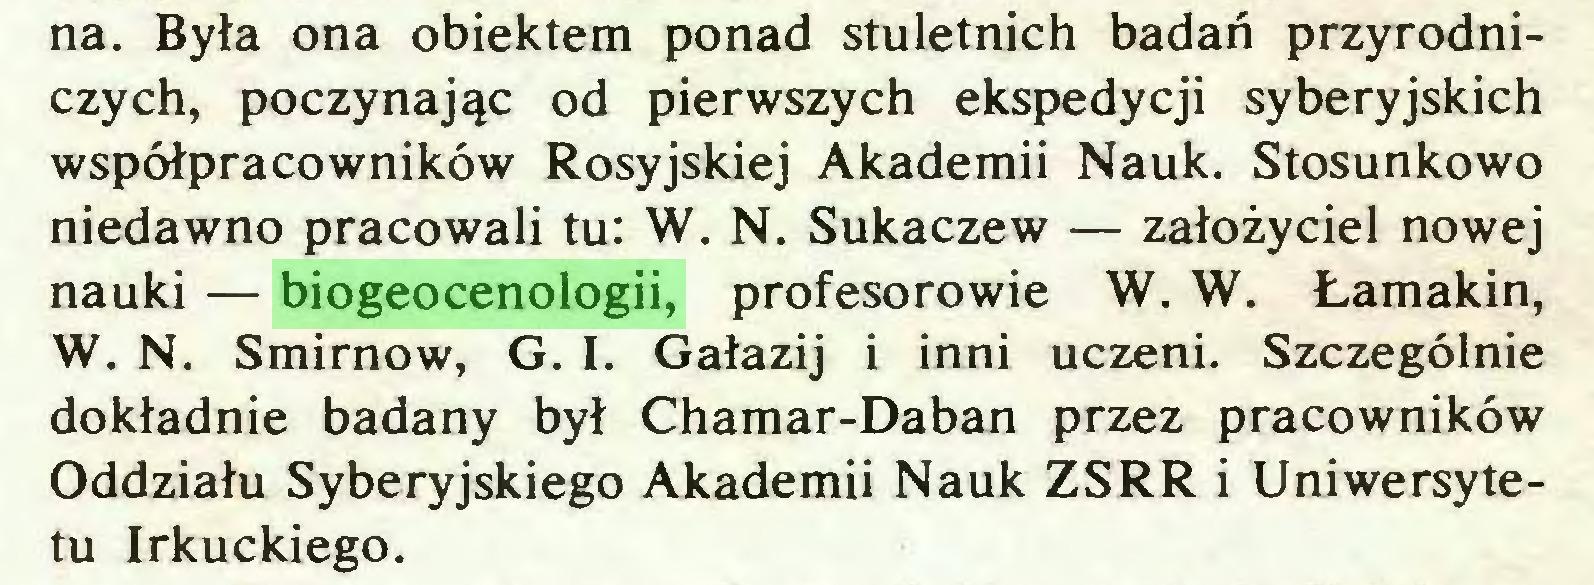 (...) na. Była ona obiektem ponad stuletnich badań przyrodniczych, poczynając od pierwszych ekspedycji syberyjskich współpracowników Rosyjskiej Akademii Nauk. Stosunkowo niedawno pracowali tu: W. N. Sukaczew — założyciel nowej nauki — biogeocenologii, profesorowie W. W. Łamakin, W. N. Smirnow, G. I. Gałazij i inni uczeni. Szczególnie dokładnie badany był Chamar-Daban przez pracowników Oddziału Syberyjskiego Akademii Nauk ZSRR i Uniwersytetu Irkuckiego...